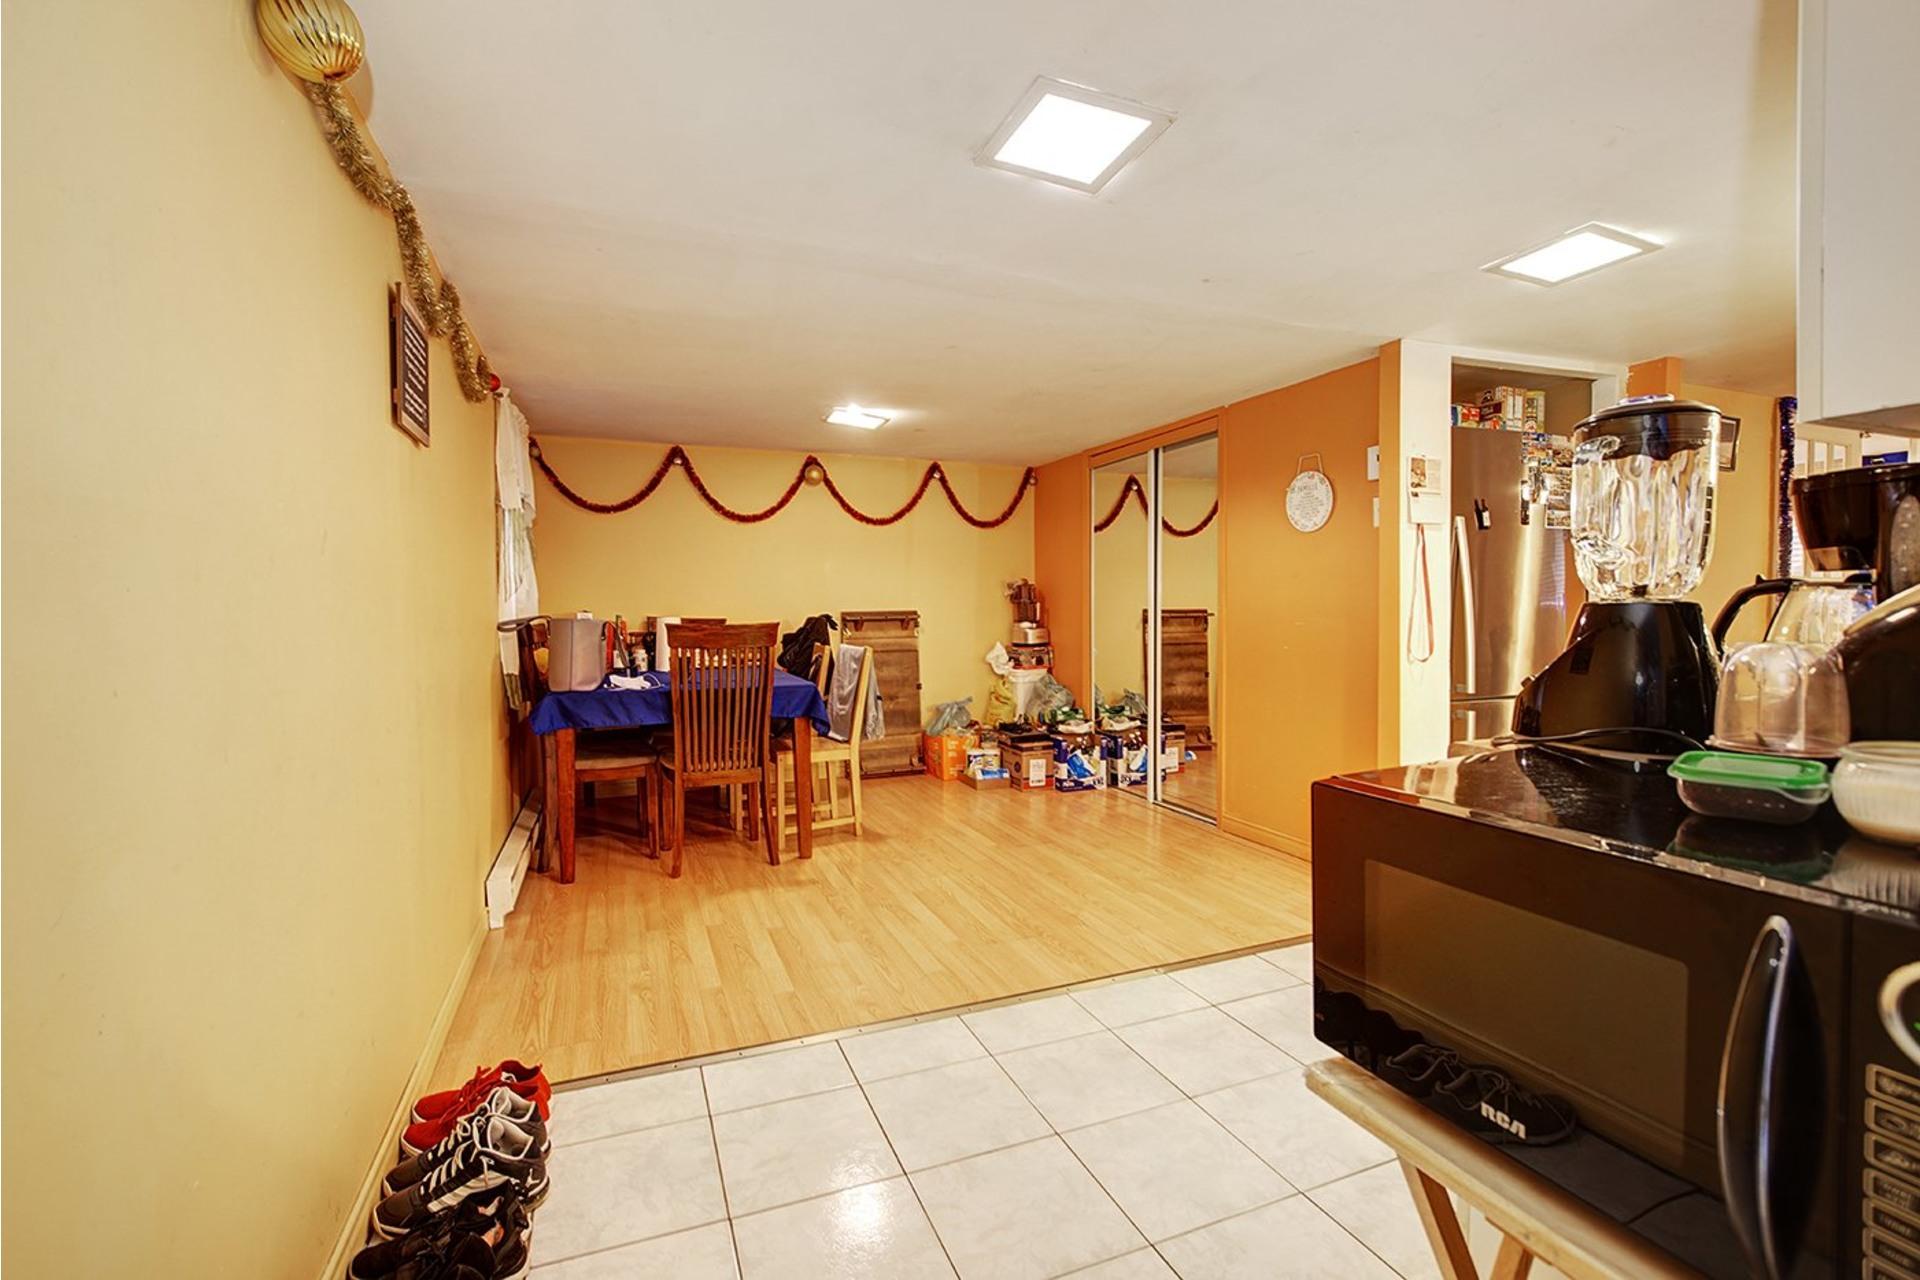 image 23 - Duplex For sale Rivière-des-Prairies/Pointe-aux-Trembles Montréal  - 4 rooms